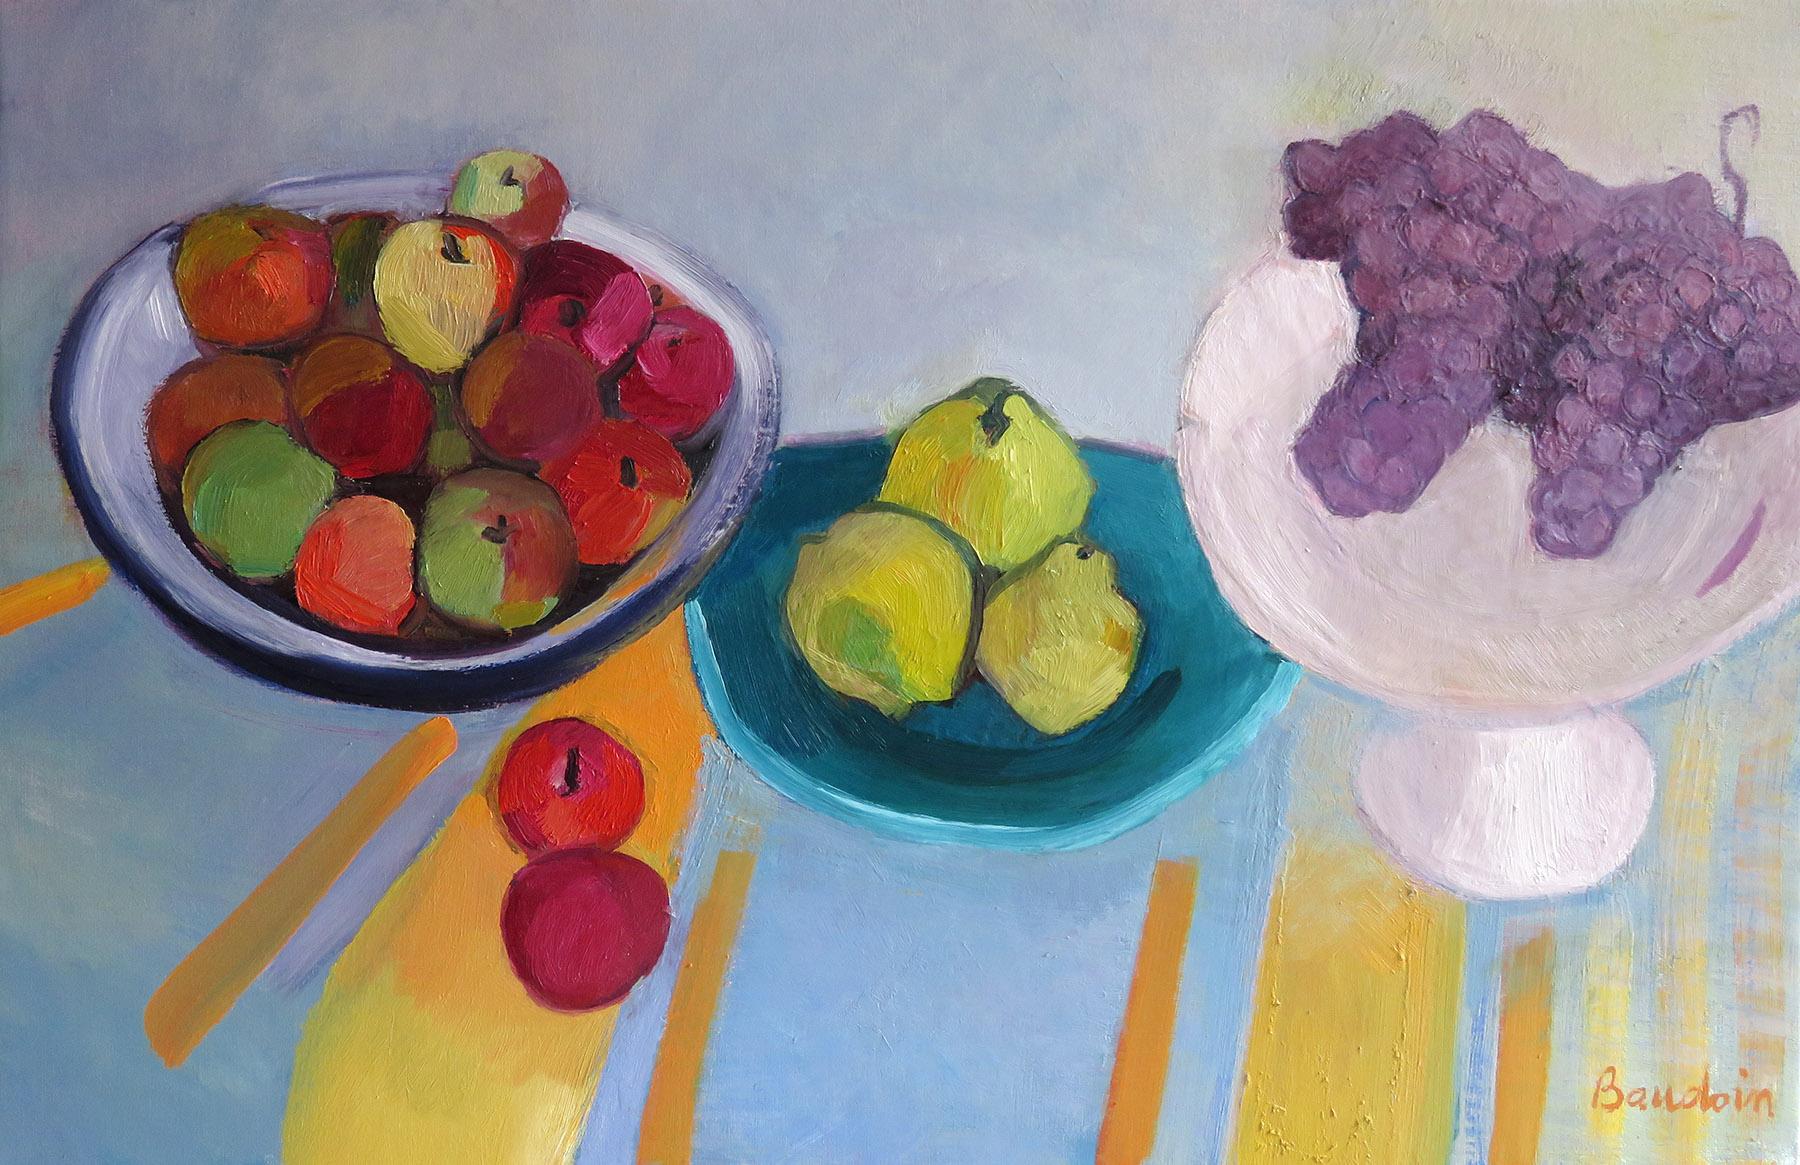 Sur la nappe rayée avec fruits d'automne - huile 100:64,5